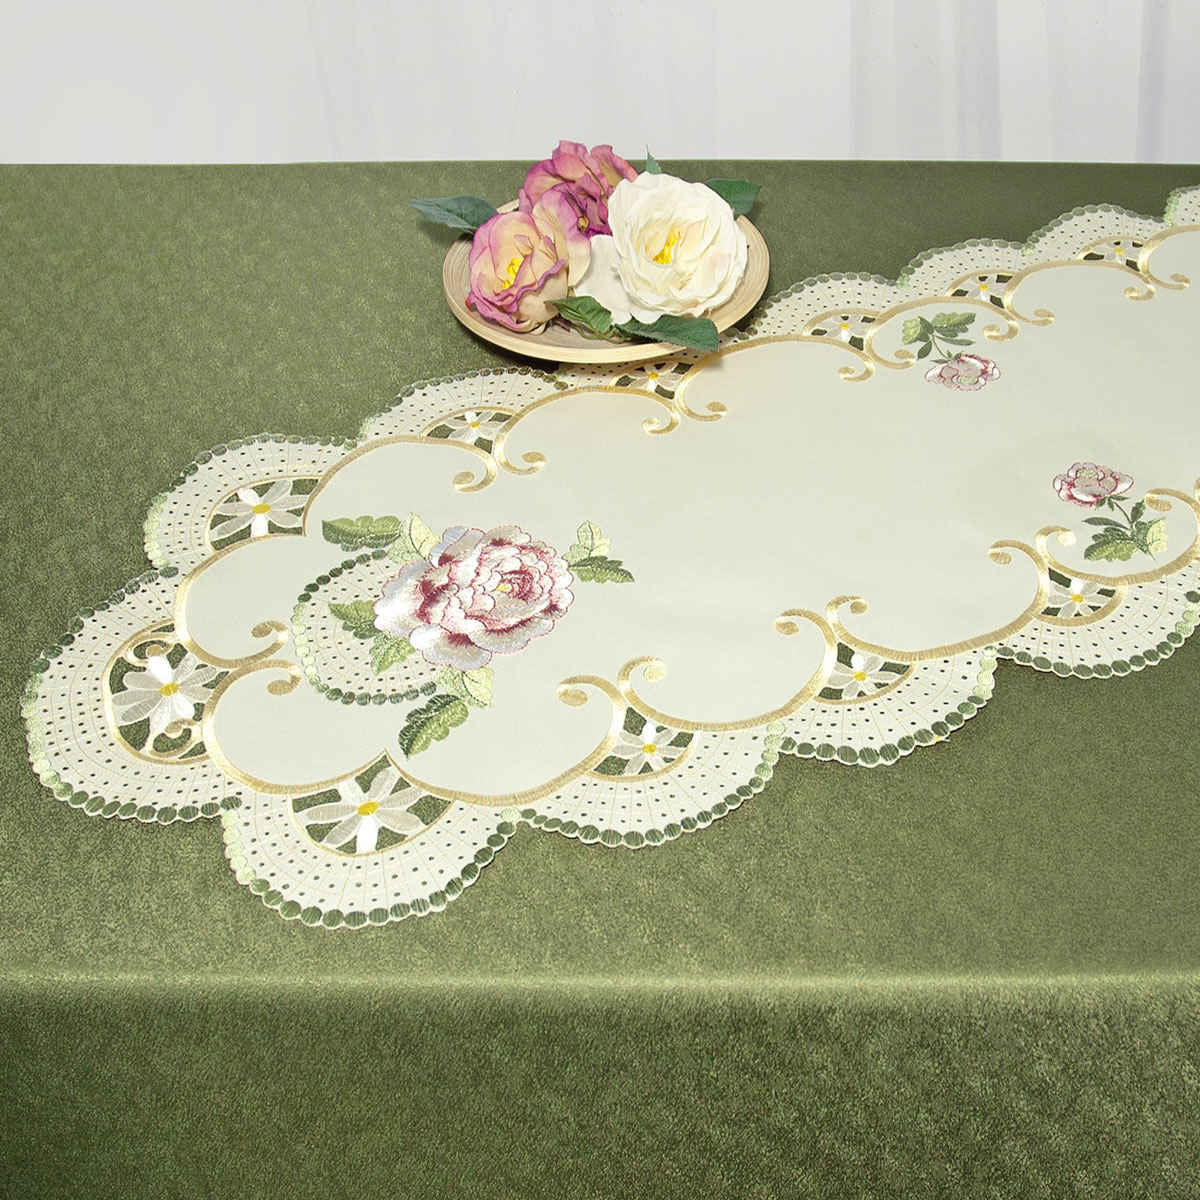 """Дорожка для декорирования стола """"Schaefer"""", овальная, цвет: бежевый, зеленый, 40 x 110 см 07484-233"""